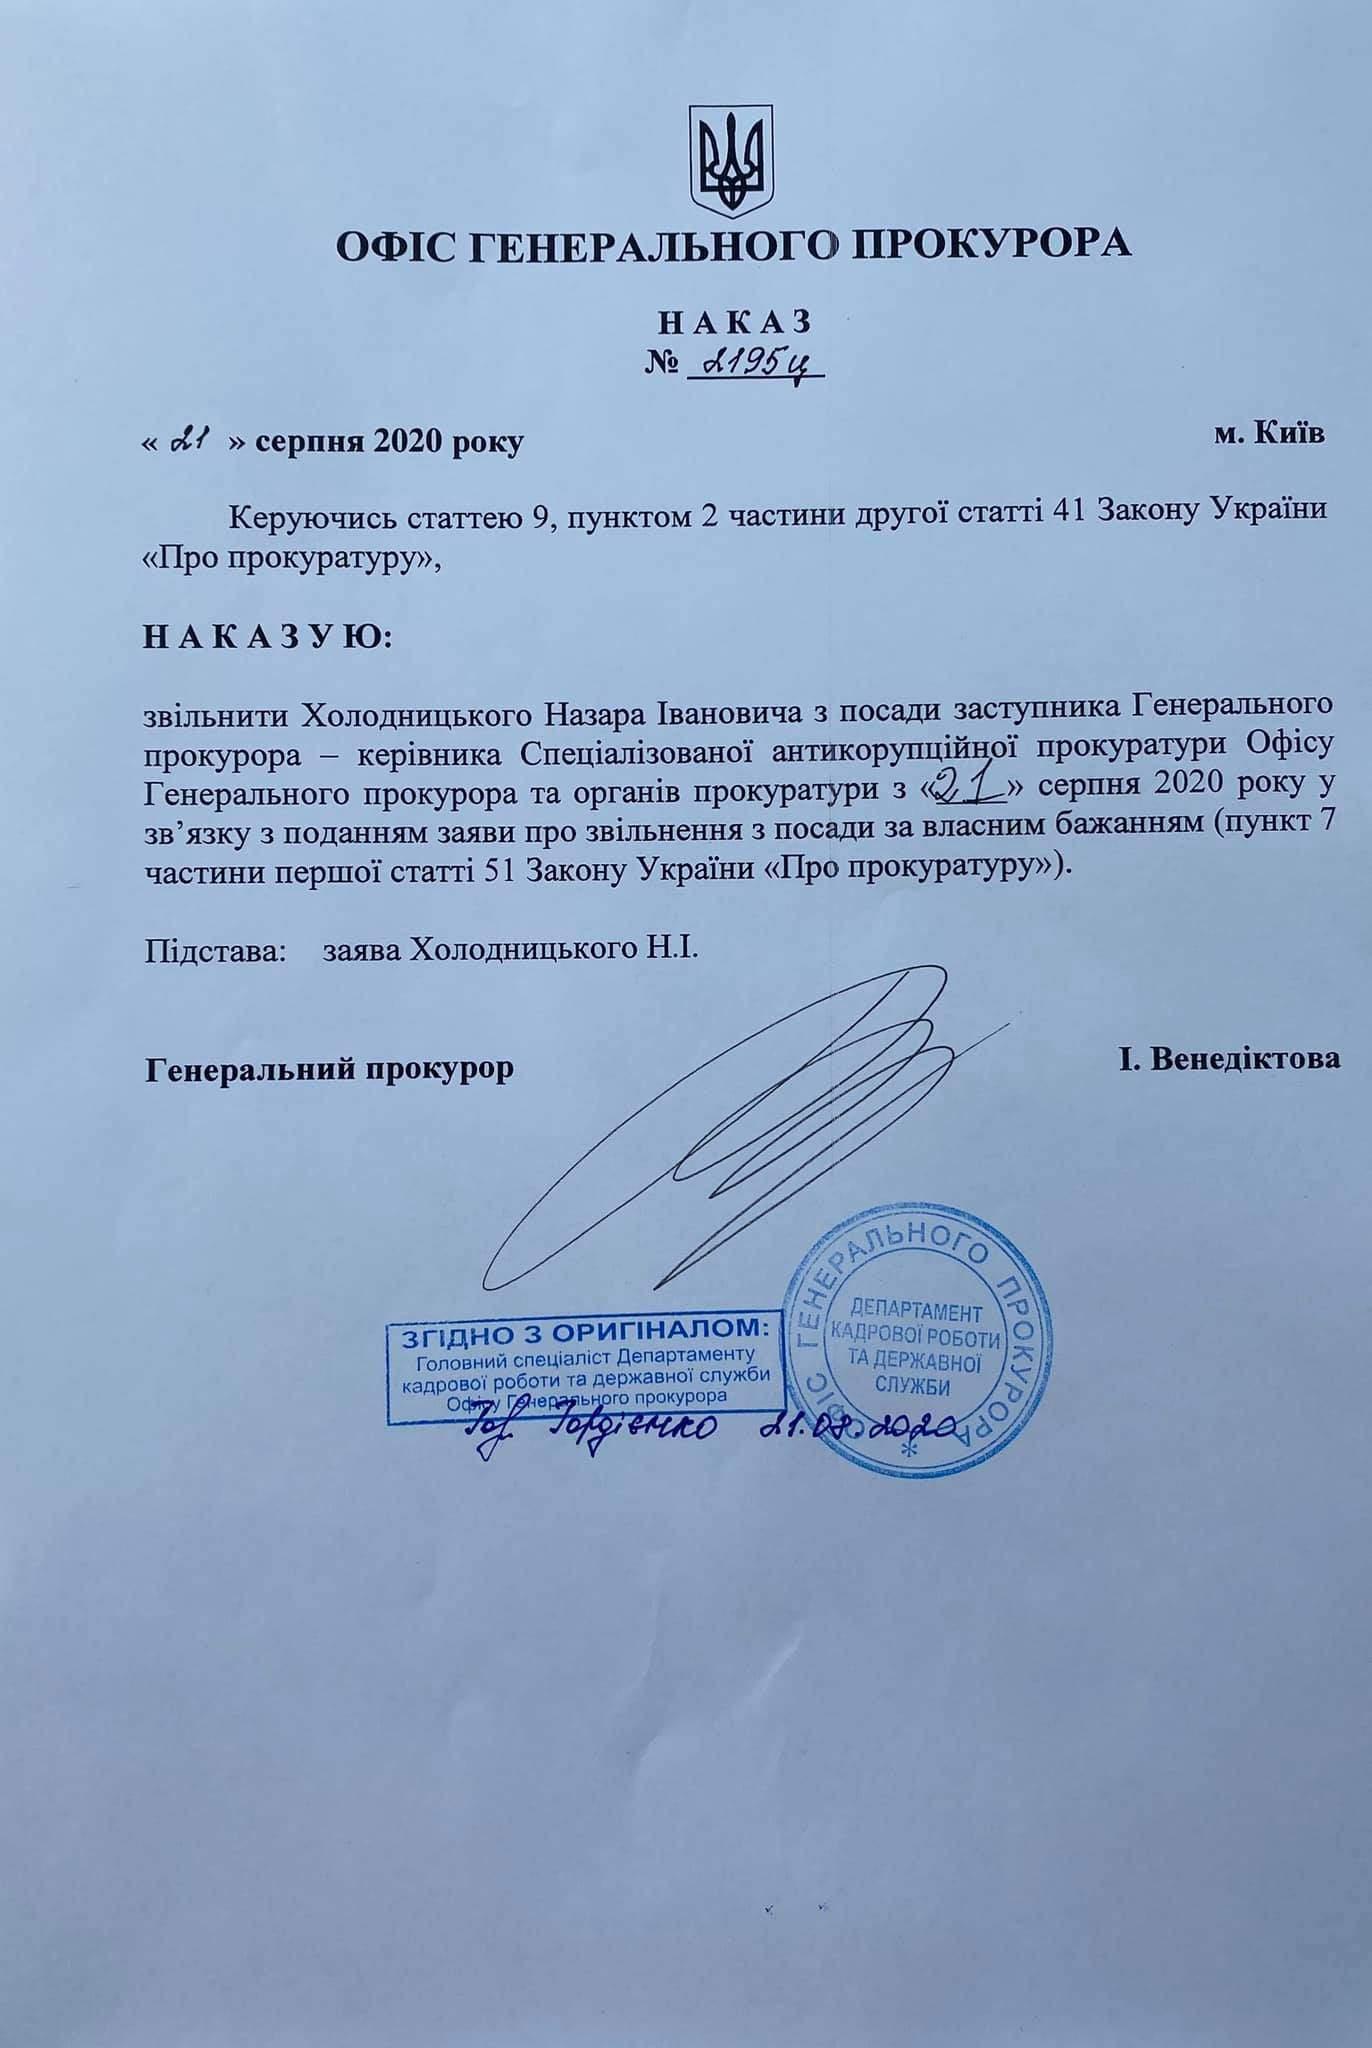 Венедіктова, Офіс генпрокурора, Холодницький, відставка, звільнення